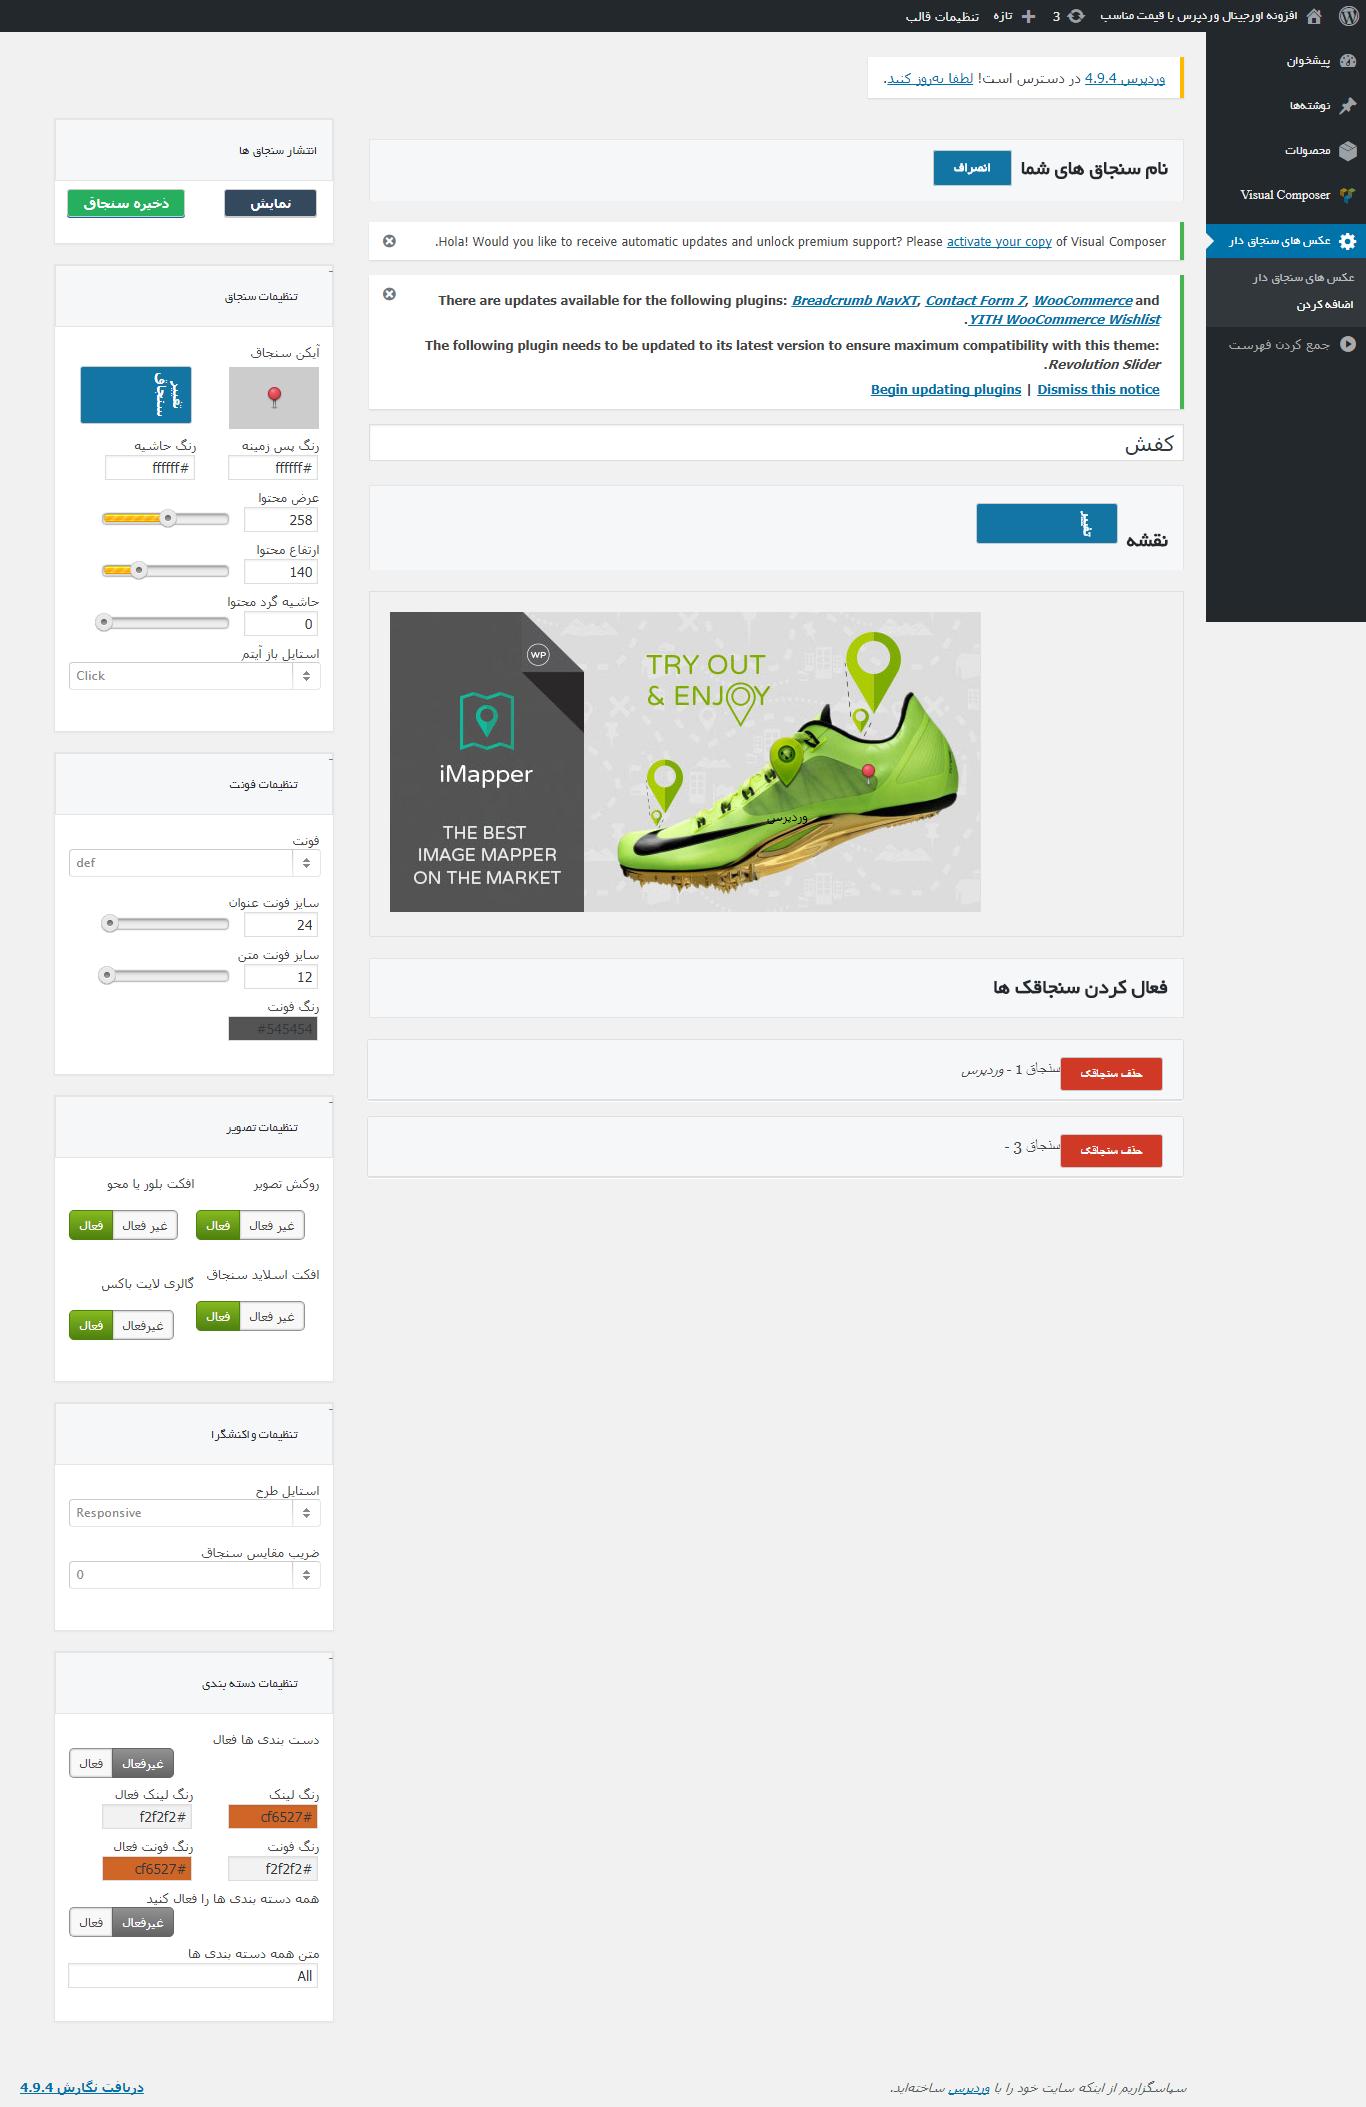 افزونه iMapper | افزونه Image Mapper / Pinner| افزونه سنجاق کردن تصاویر | افزونه iMapper-Pinner | پلاگین iMapper | پلاگین Image Mapper | پلاگین سنجاق کردن تصاویر | افزونه فروشگاهی وردپرس | افزونه فروشگاهی ووکامرس | خرید افزونهiMapper | دانلودImage Mapper |